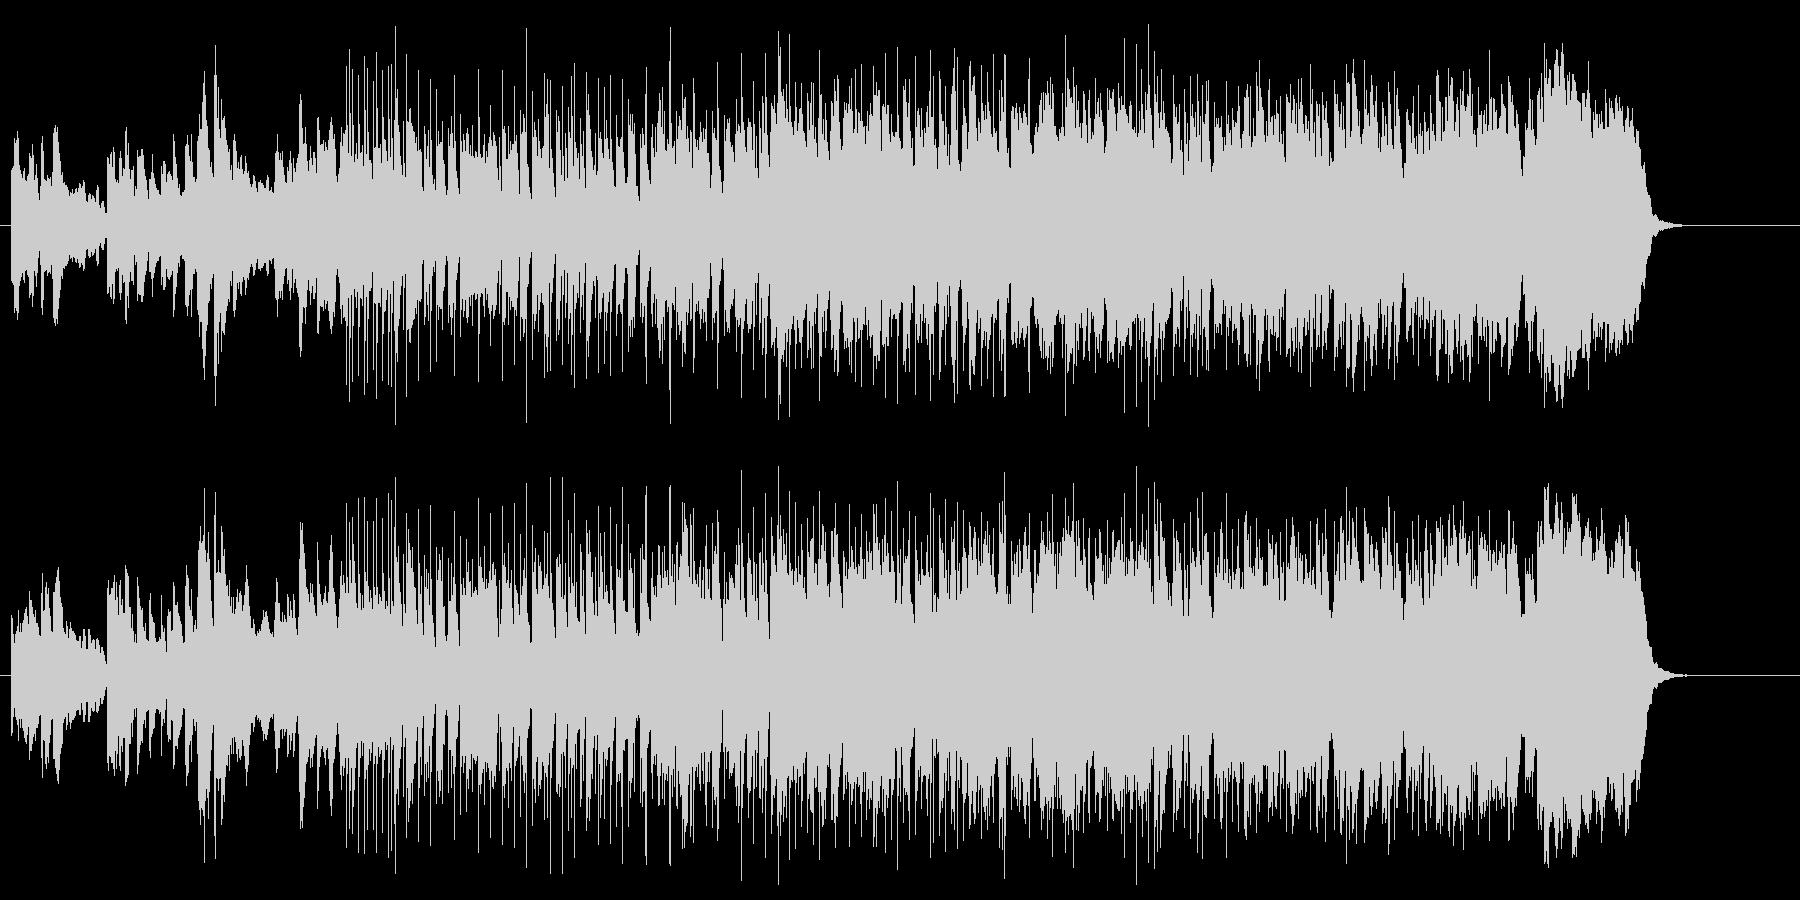 ドラマチックでシュールなエレクトロポップの未再生の波形